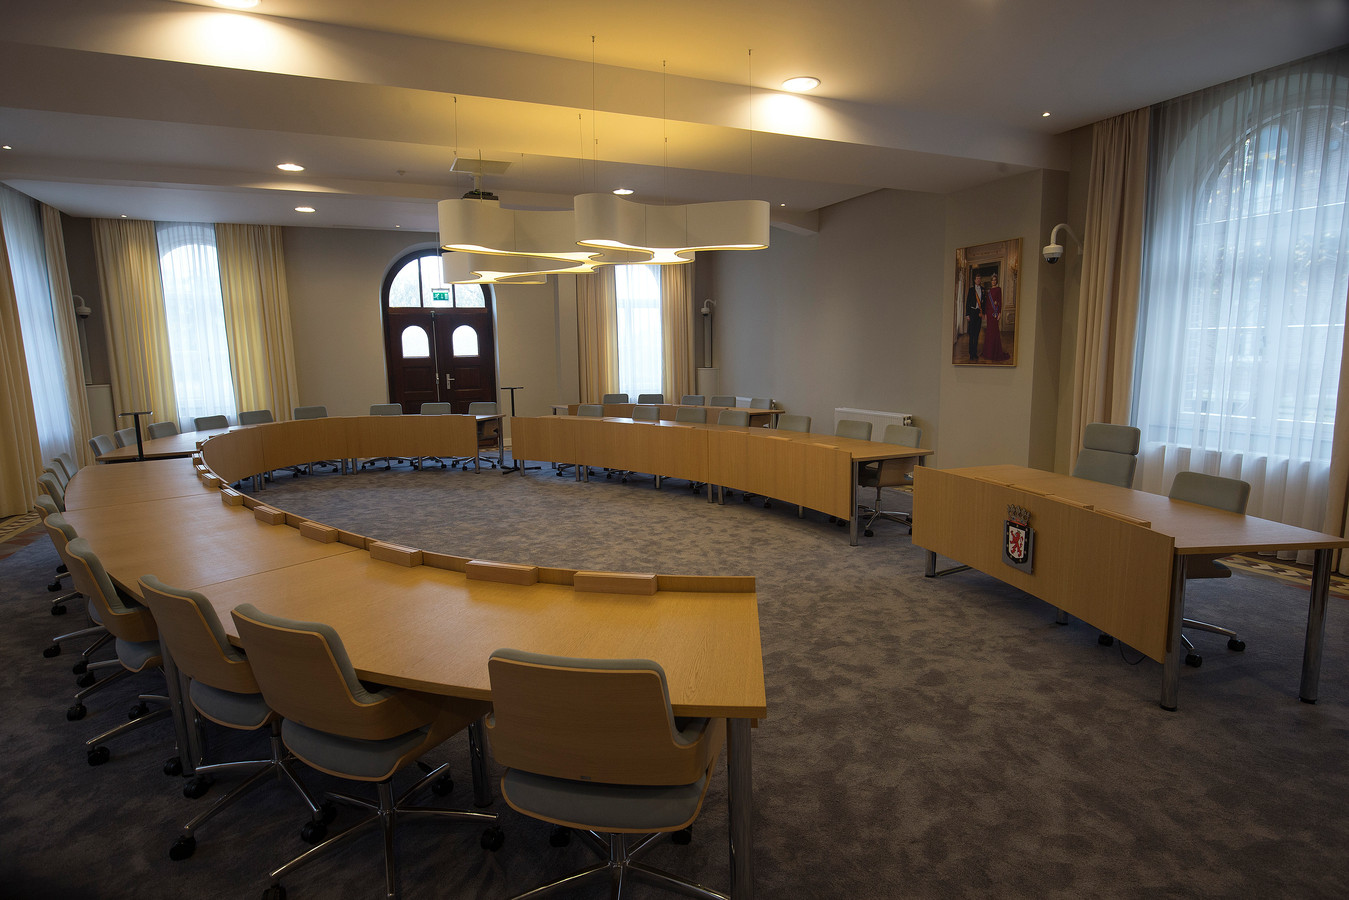 De raadszaal in Gouden Handen in 's-Heerenberg.